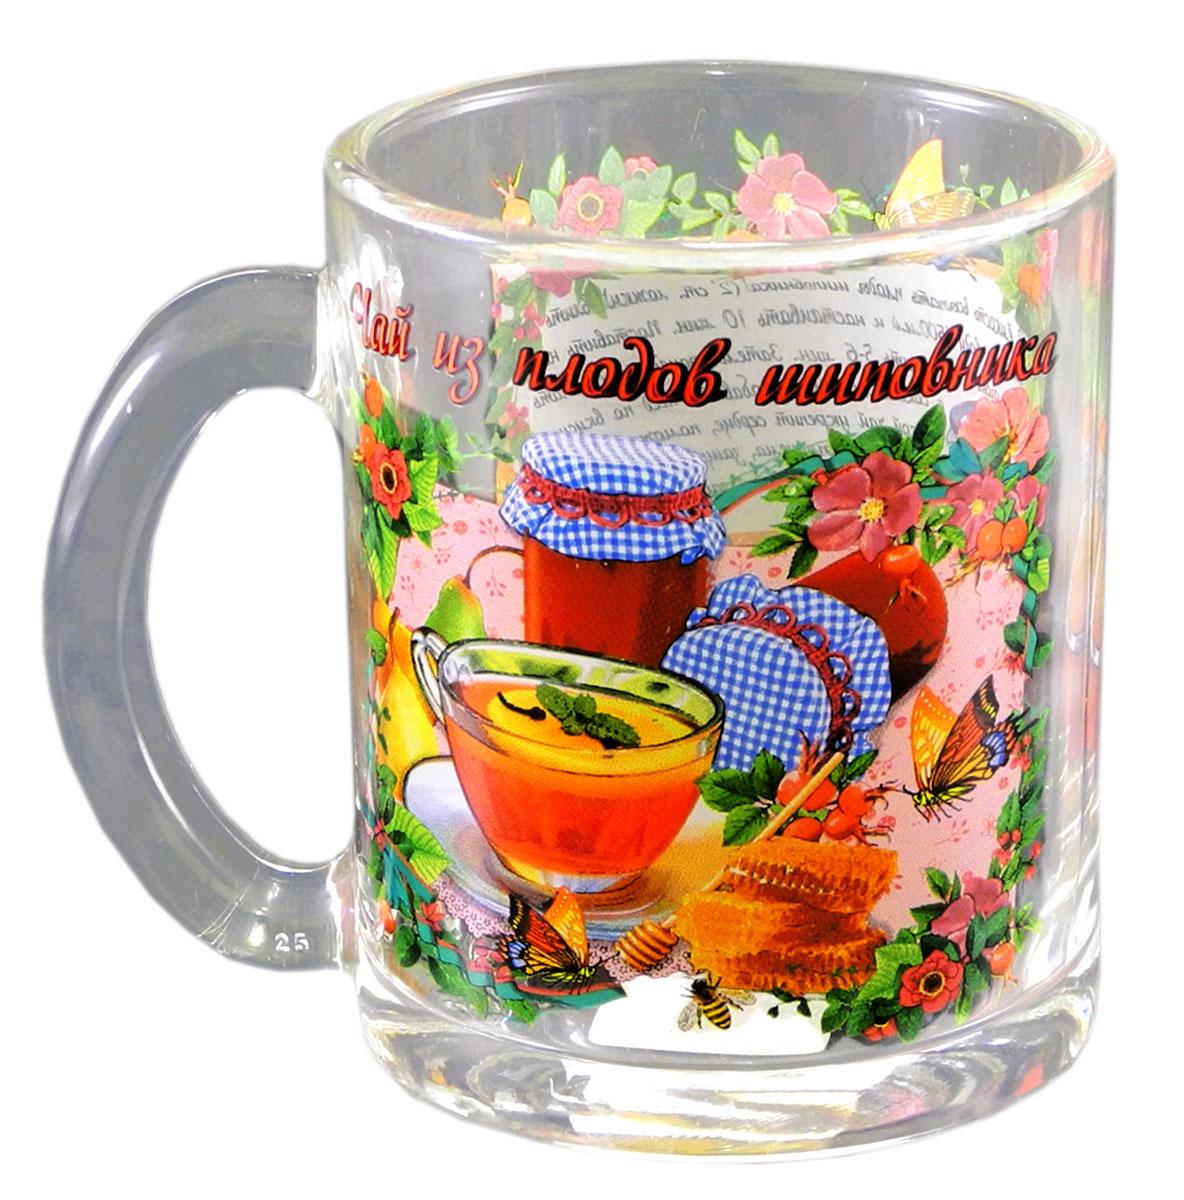 Кружка чайная Квестор  Чай из плодов шиповника , 320 мл115510Кружка чайная Квестор  Чай из плодов шиповника , 320 мл